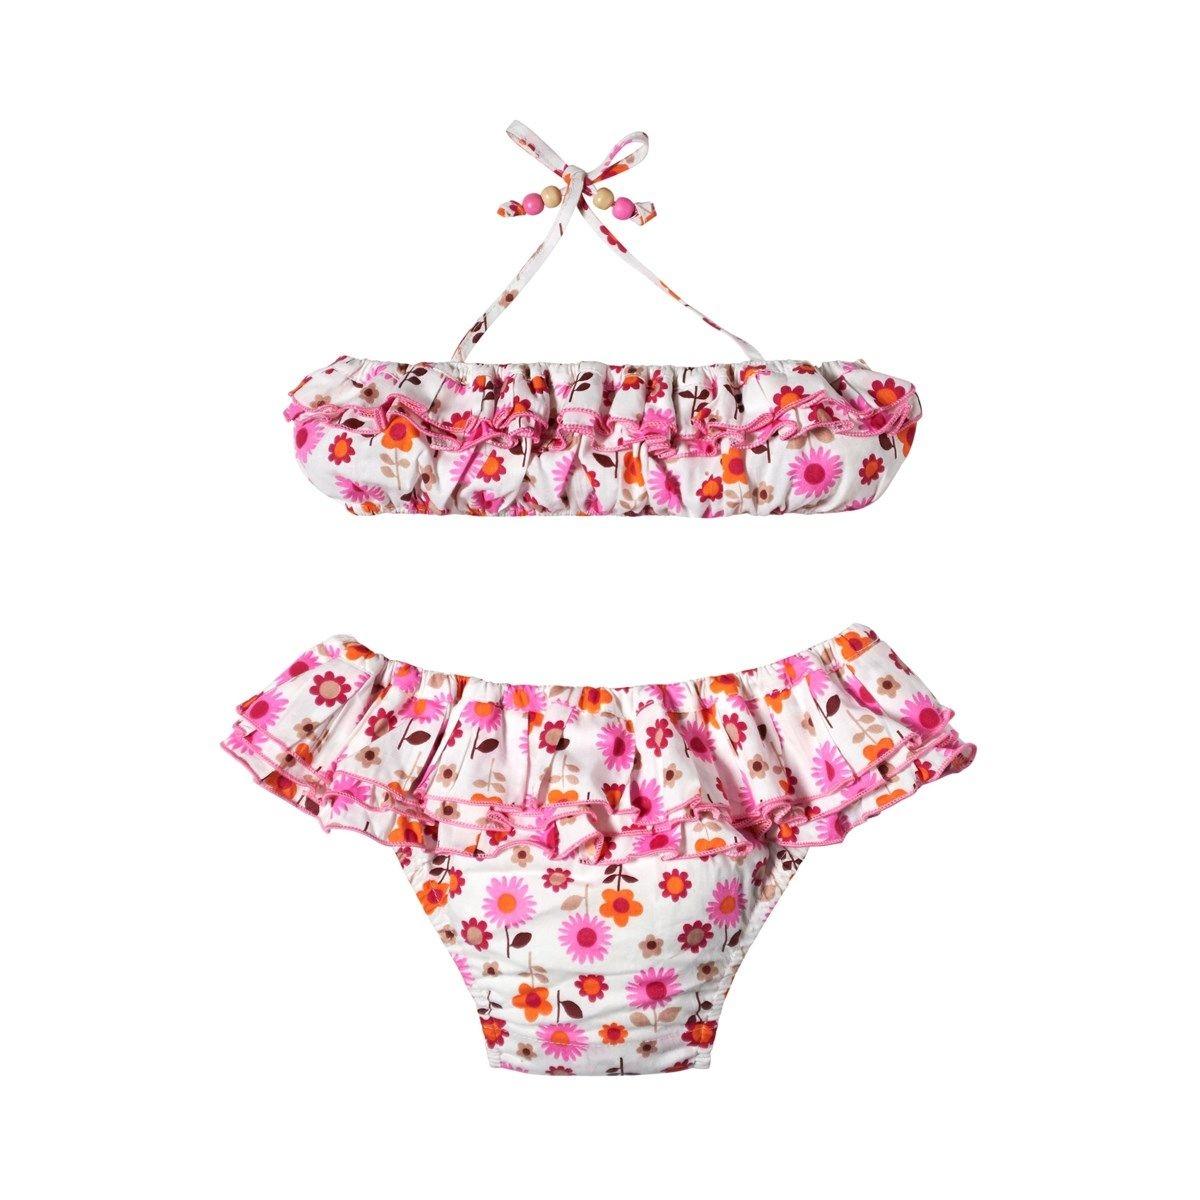 Maillot bikini - deux pièces - à volants fleuri - SWAN